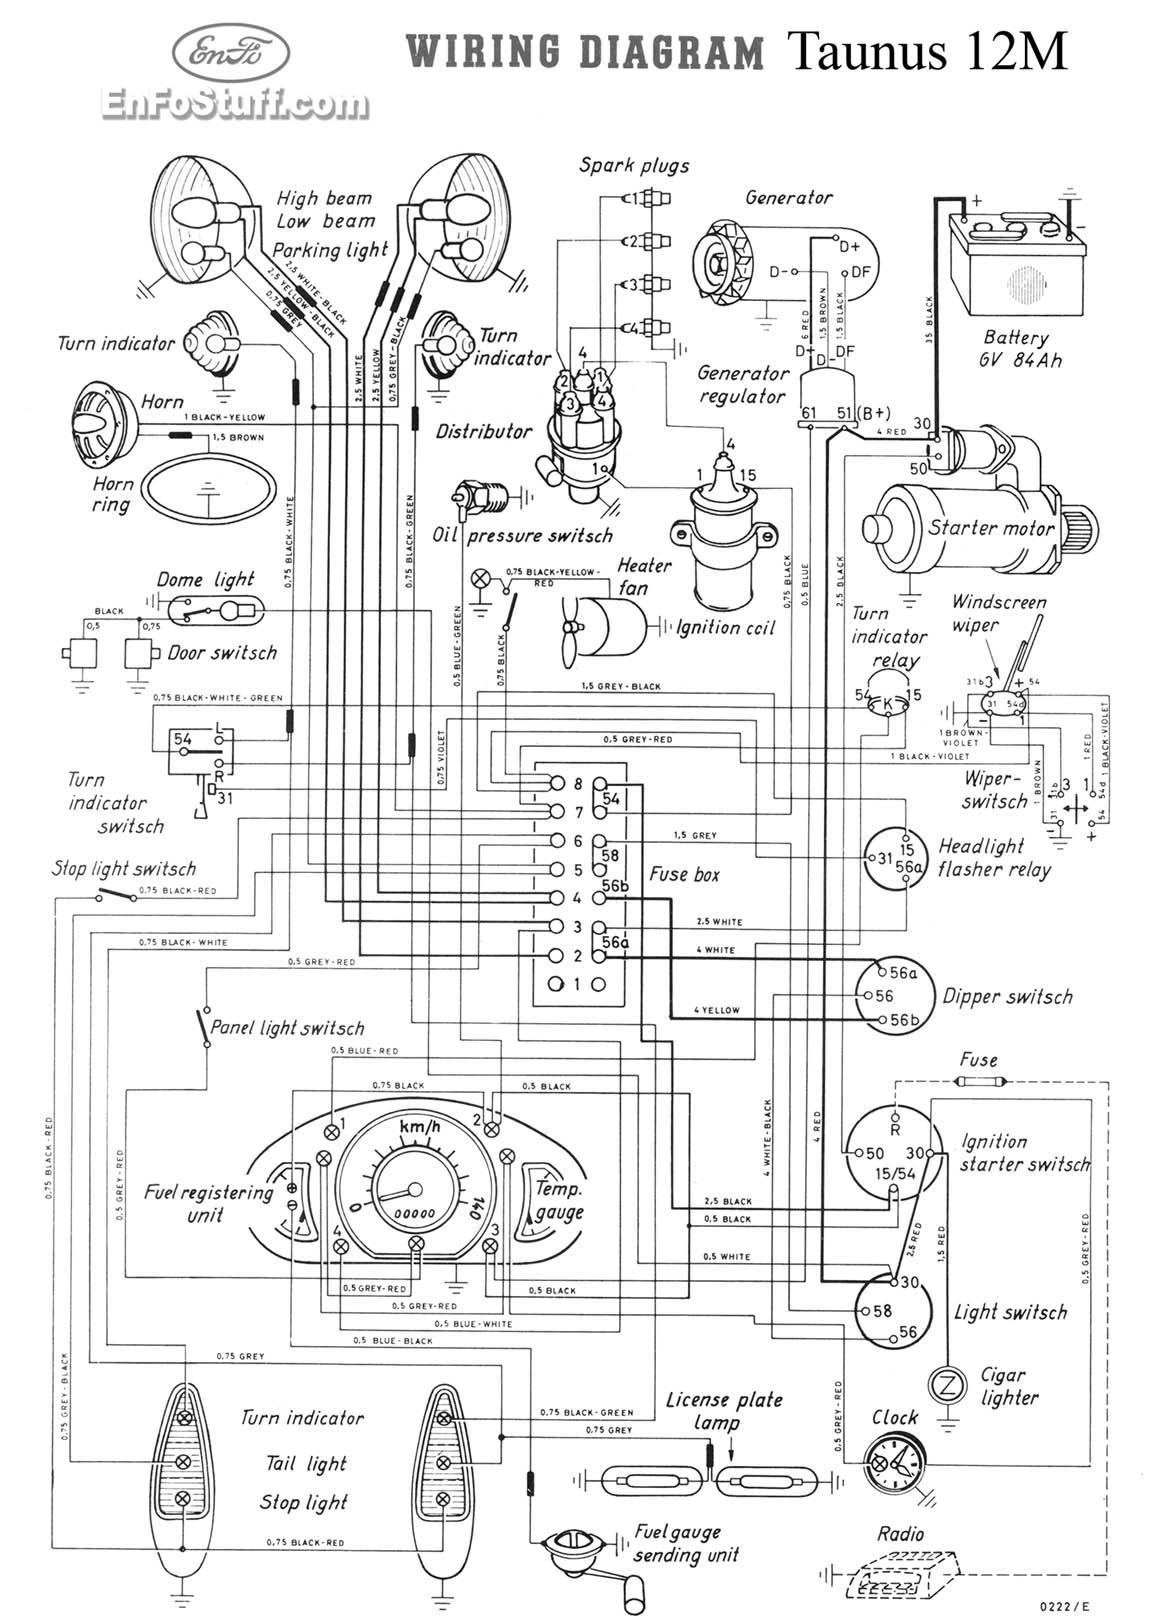 volkswagen caddy wiring diagram auto electrical wiring diagram vw golf mk1 wiring diagram pdf